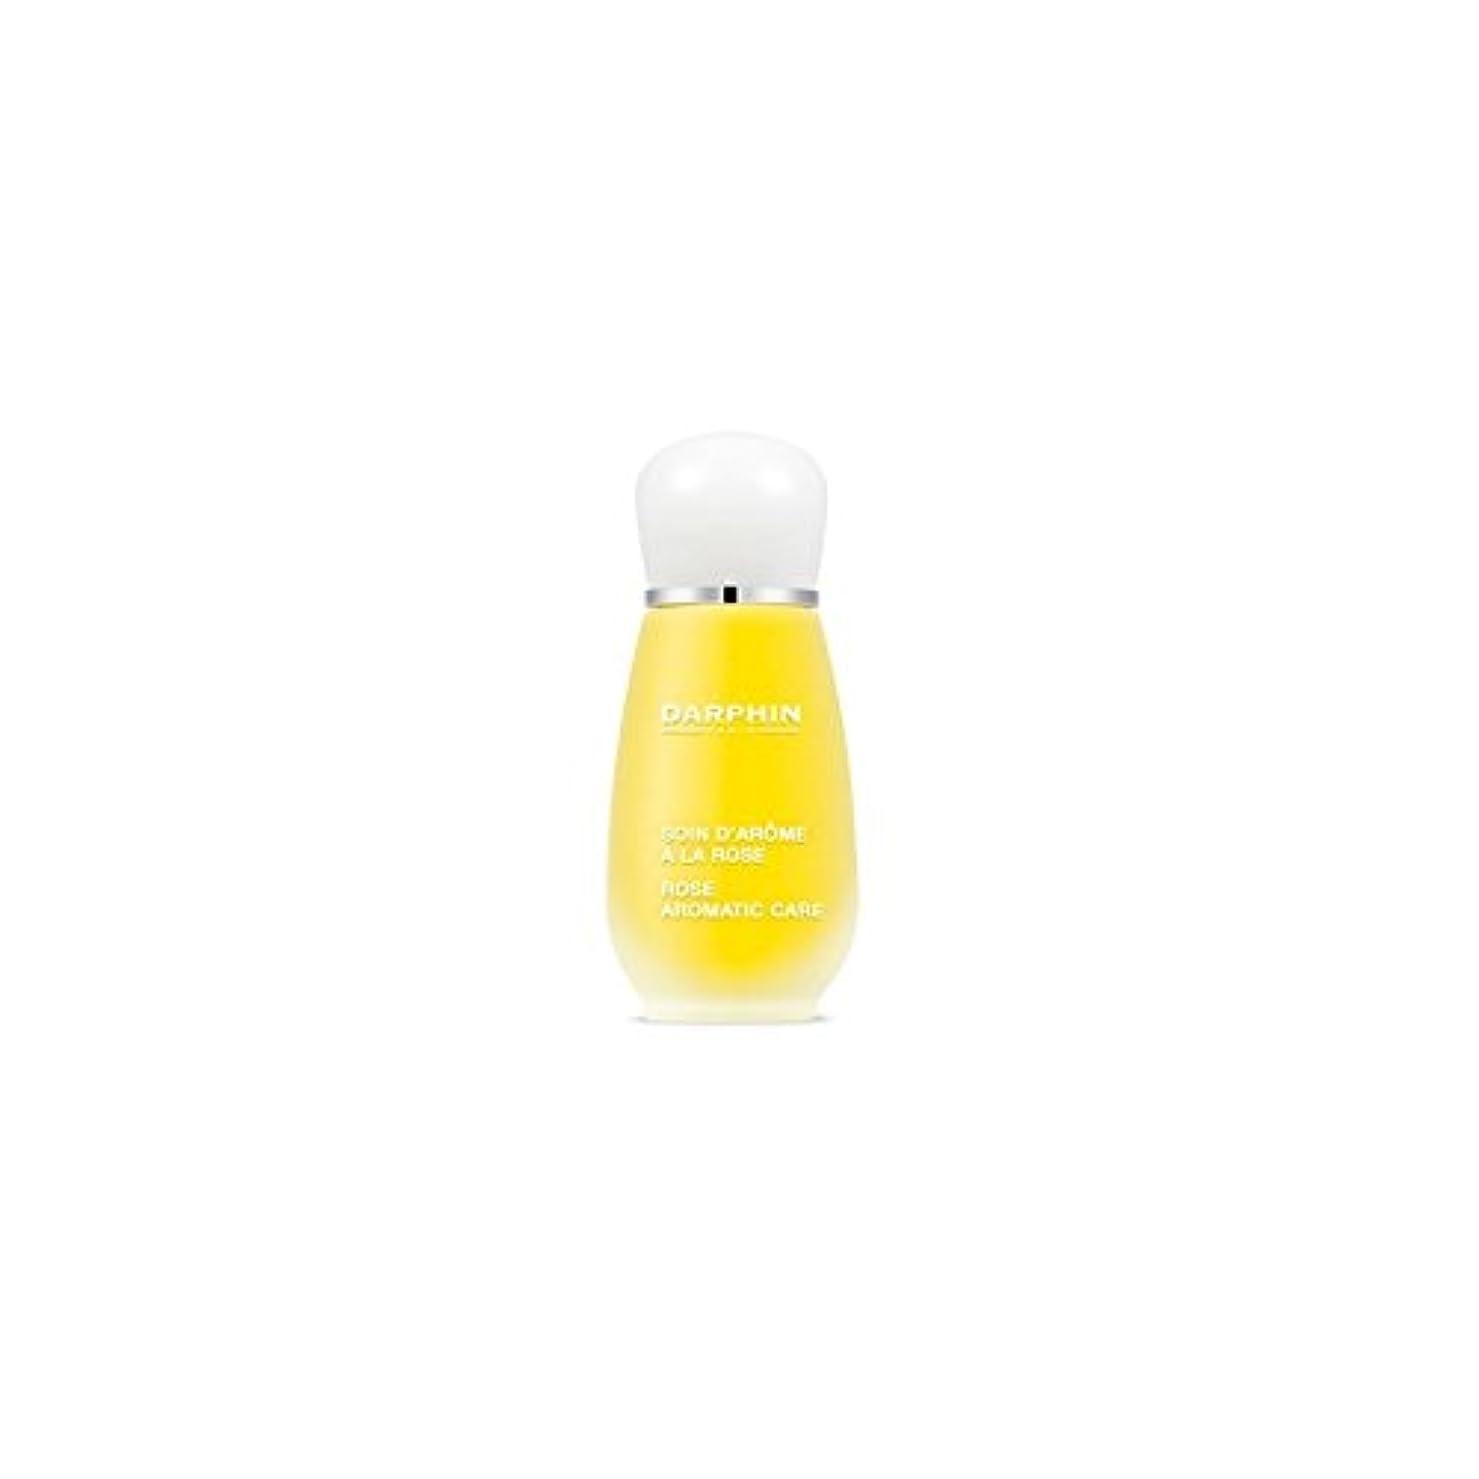 洋服汚す有力者Darphin Rose Aromatic Care (15ml) (Pack of 6) - 芳香ケア(15ミリリットル)をバラダルファン x6 [並行輸入品]